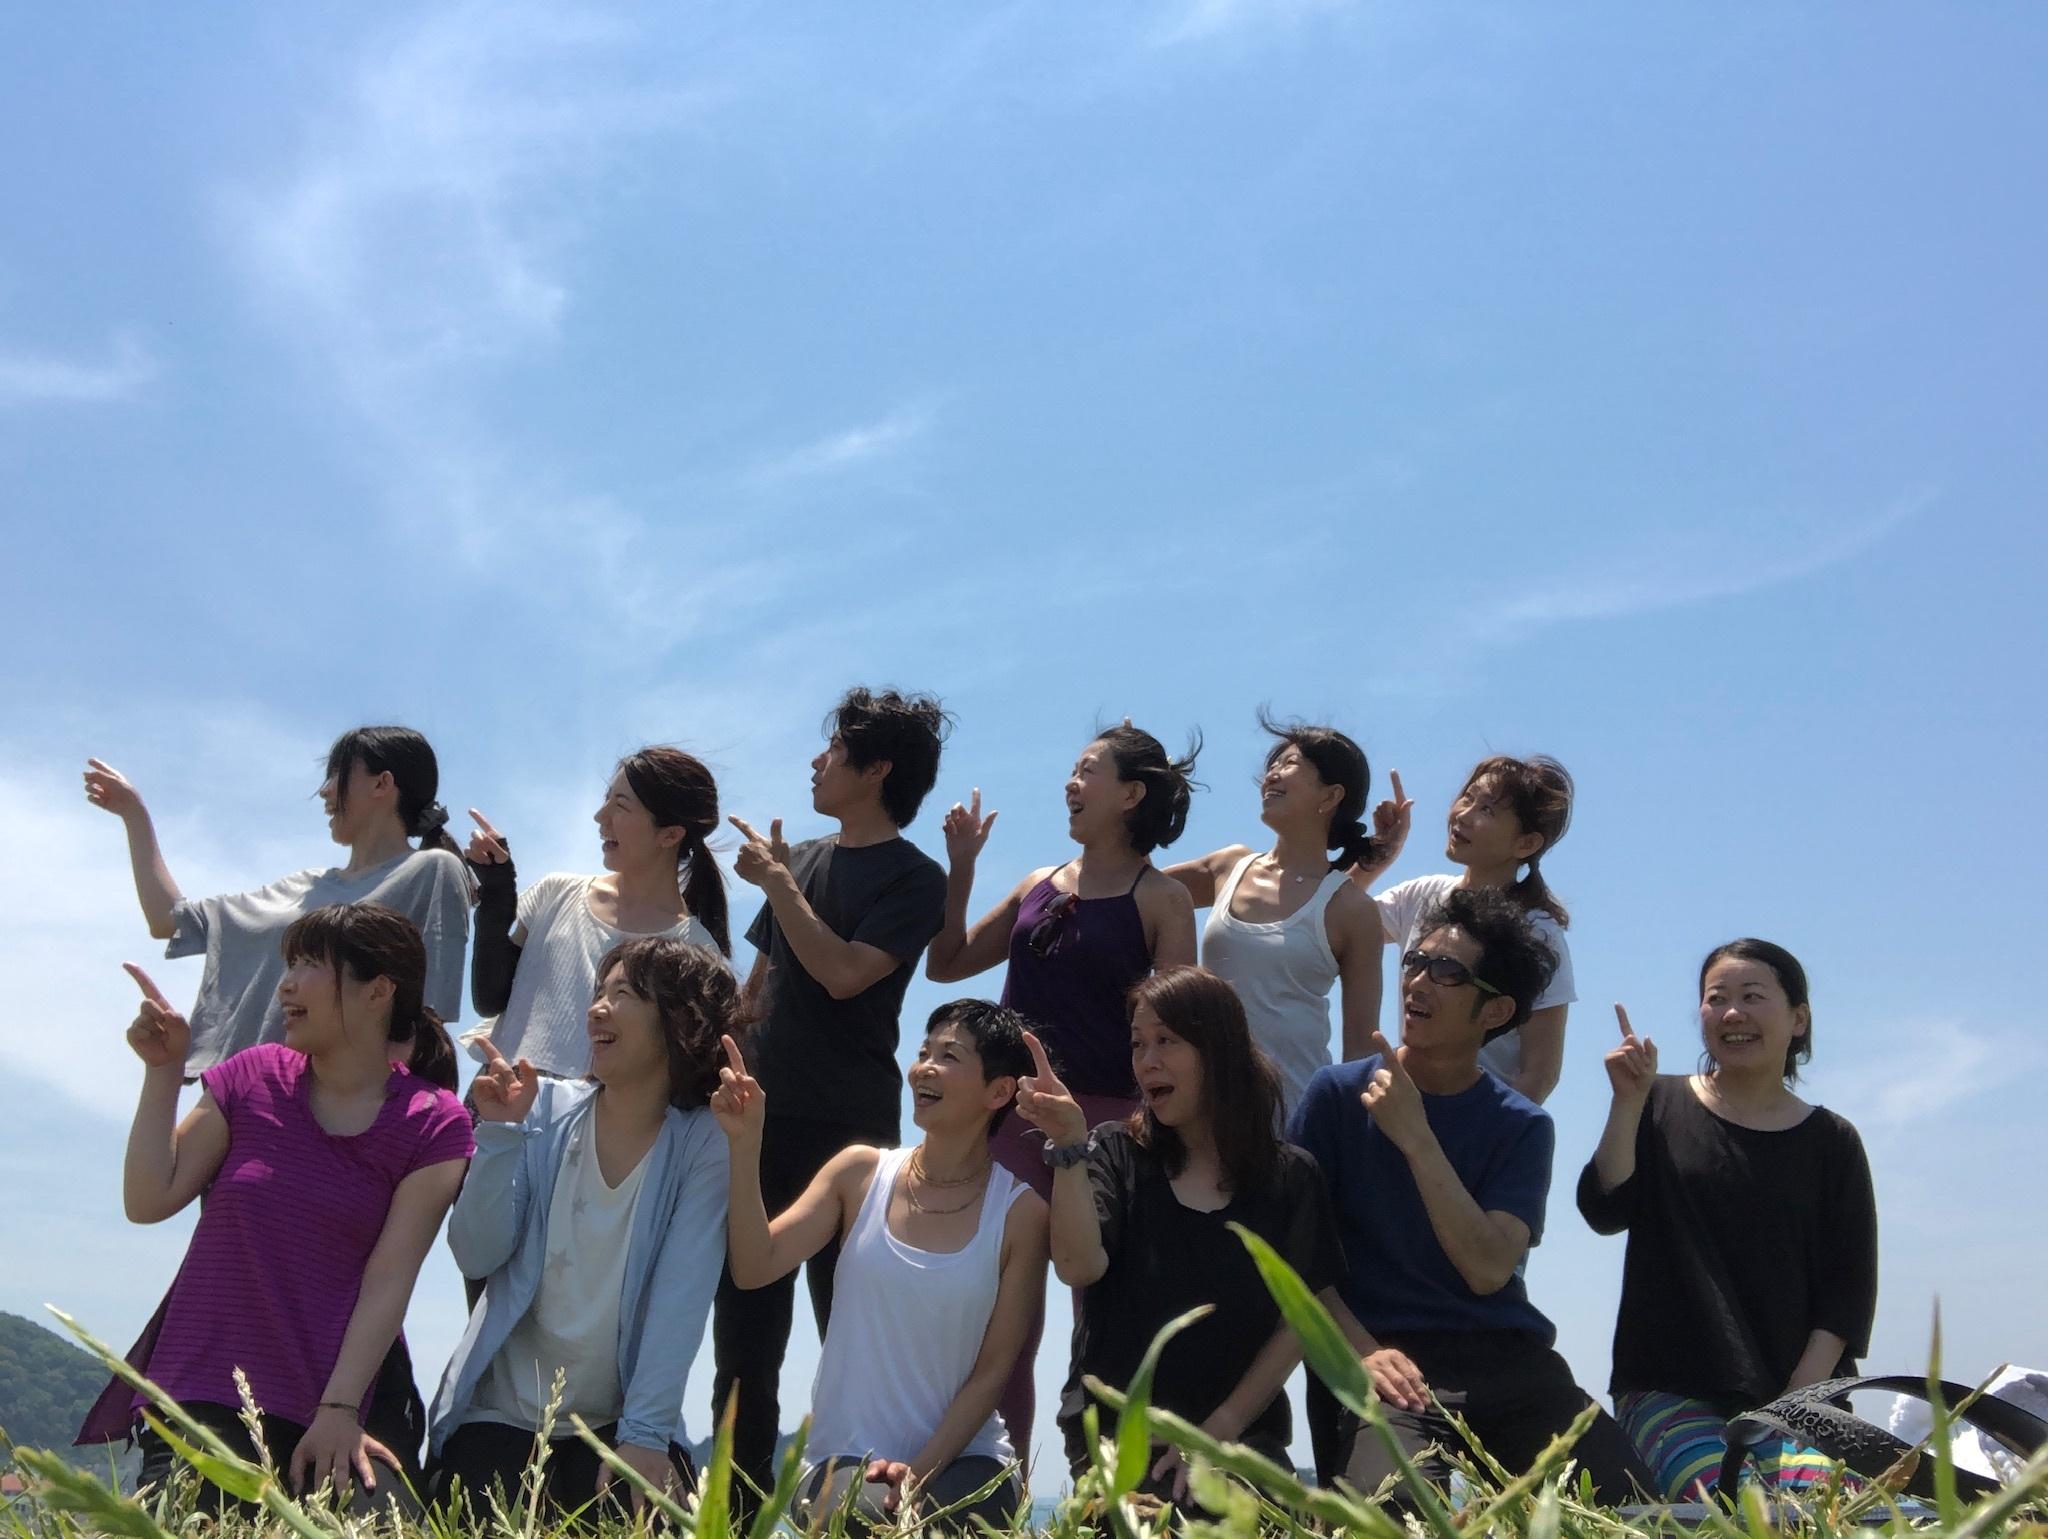 Beach mayu yoga@2019 7月〜10月のスケジュールです♪_a0267845_10131452.jpg